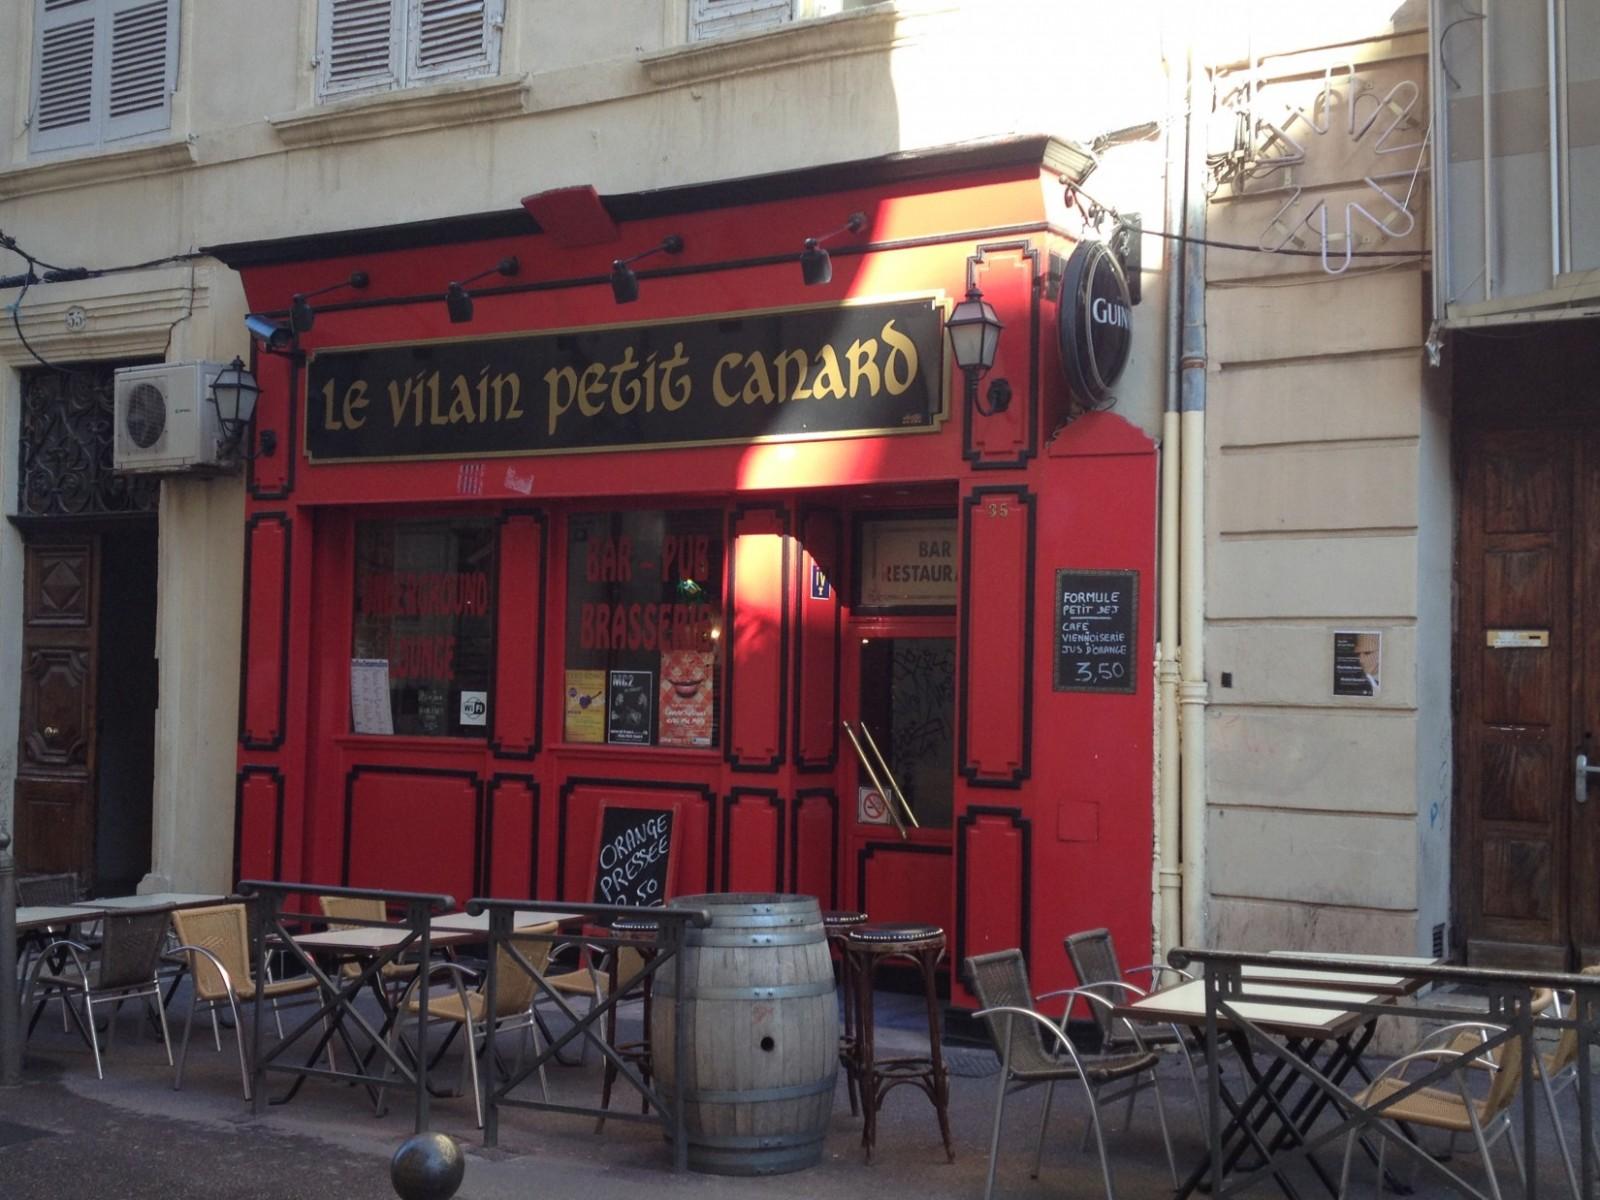 Le Vilain Petit Canard accueille des concerts, des scènes ouvertes et organise des karaokés. ©MD